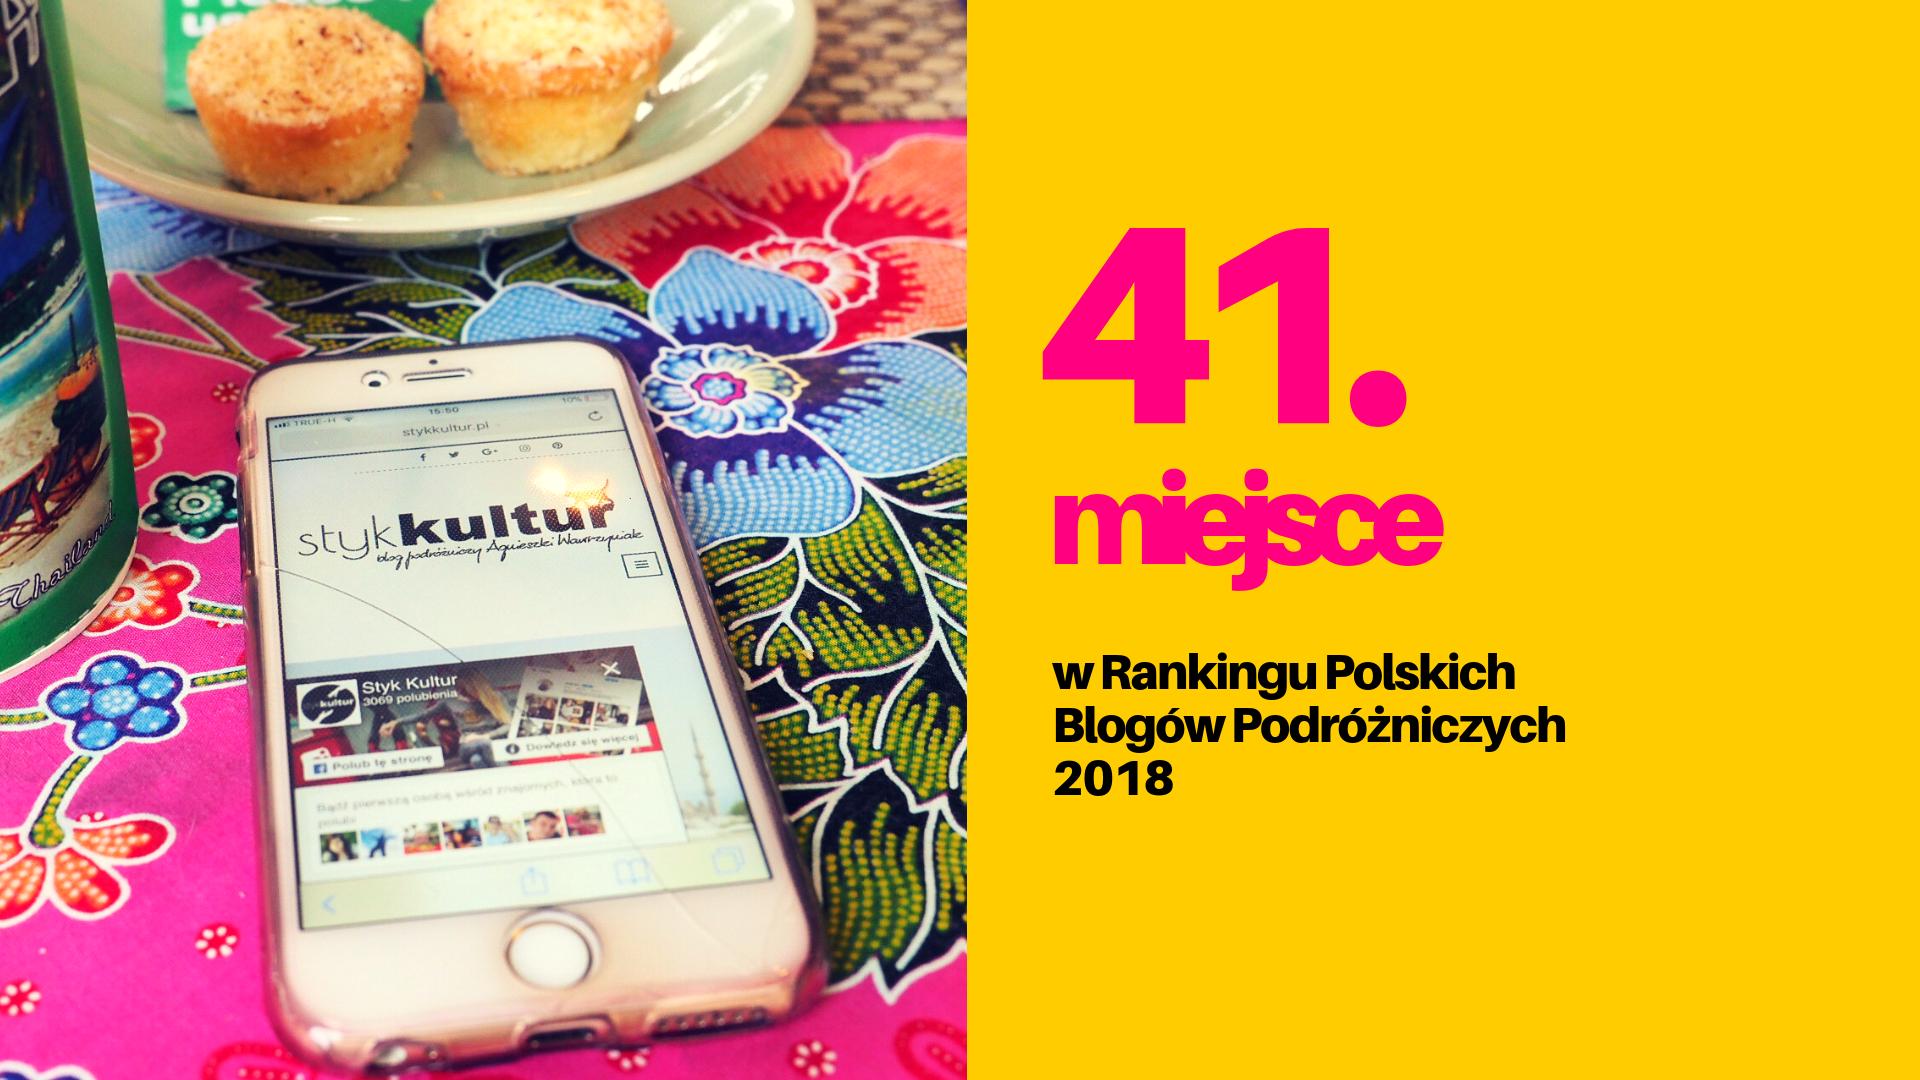 tureckakuchnia 1 O tym, jak pobiłam rekord wzrostu w Rankingu Polskich Blogów Podróżniczych 2018